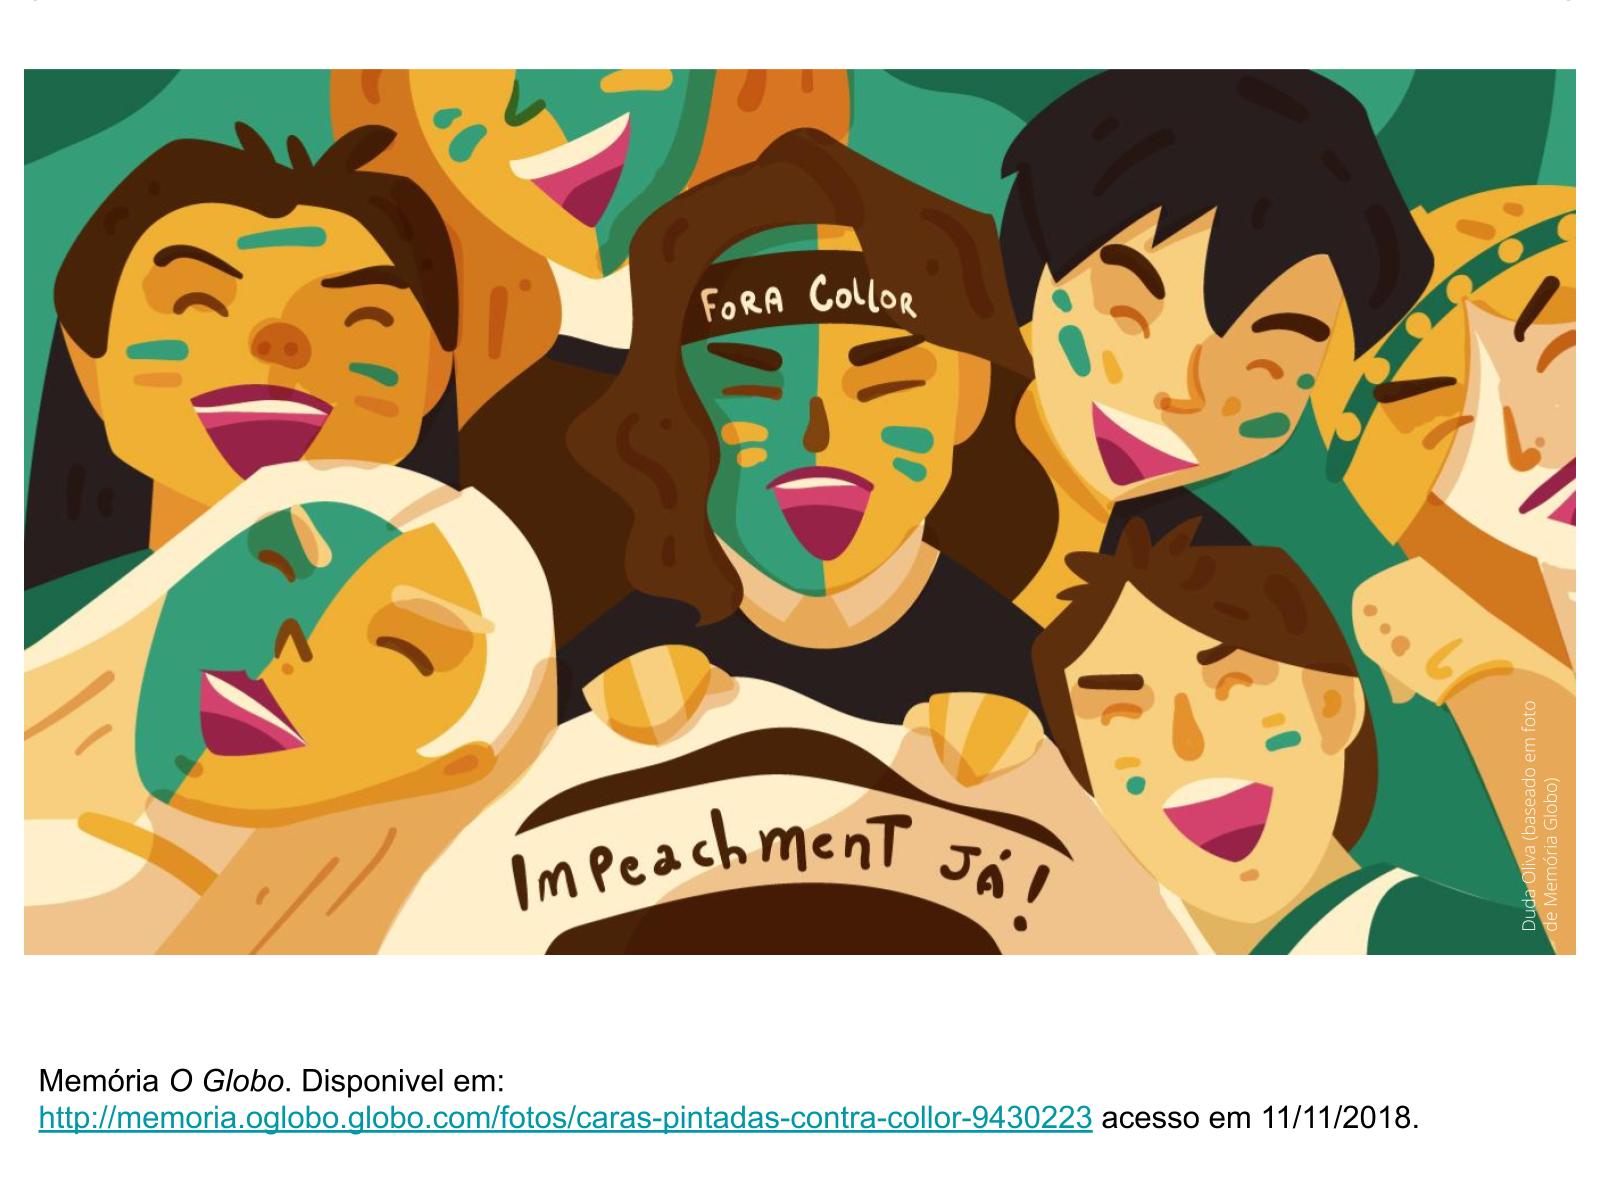 Os caras-pintadas e a participação política da juventude brasileira